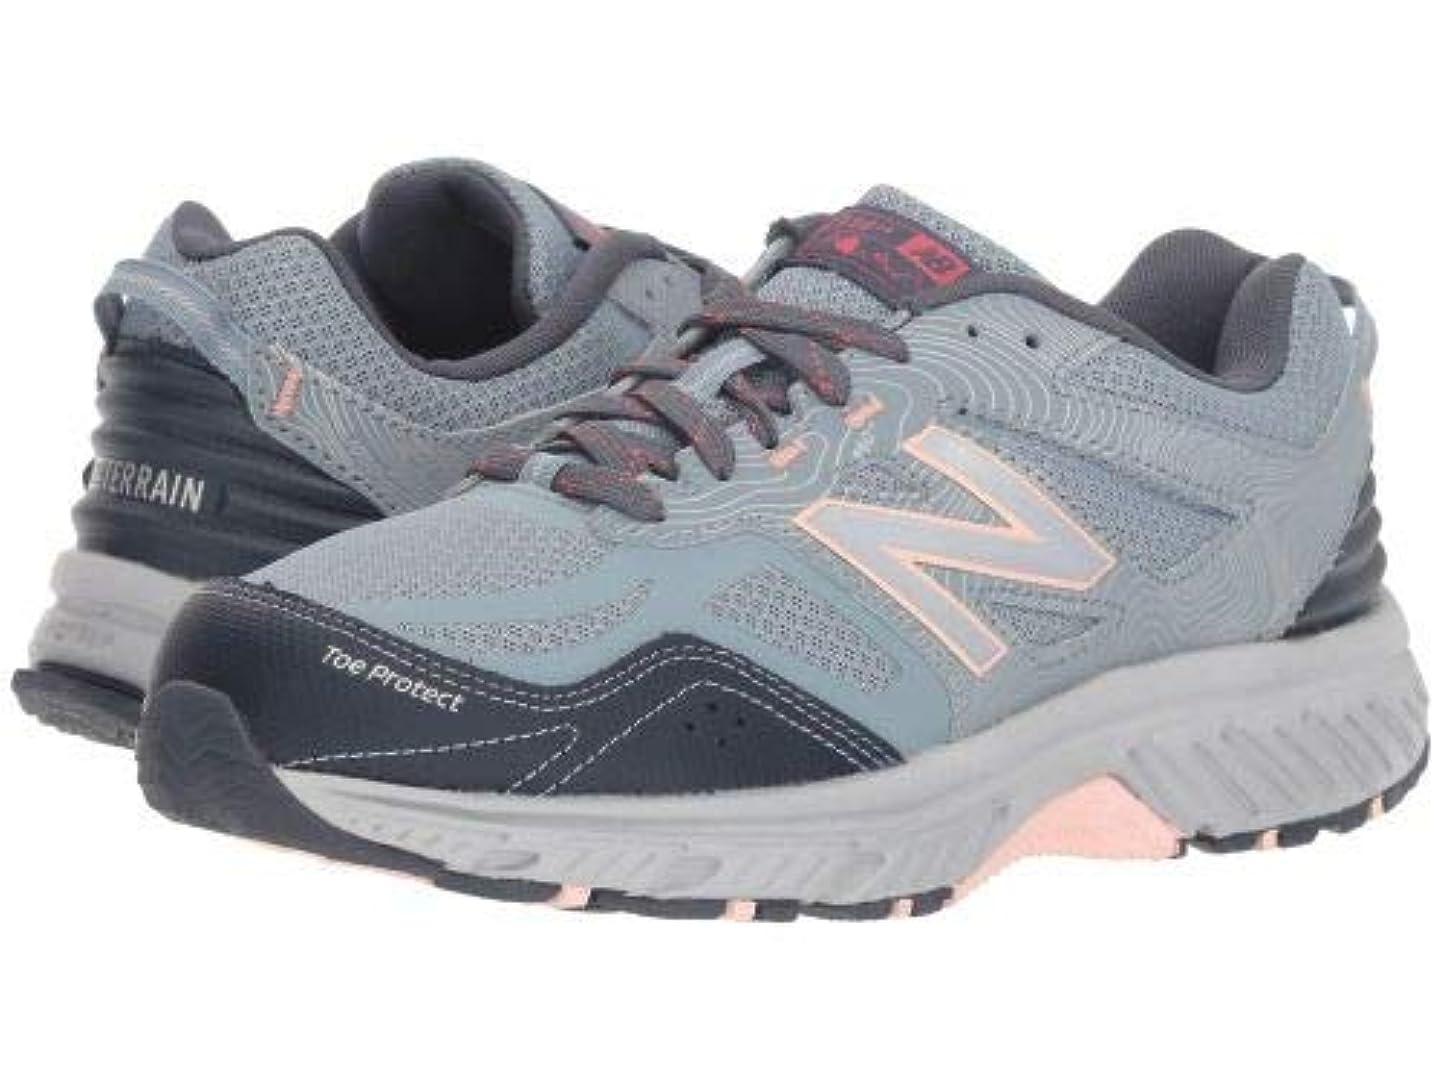 自我植物学者加害者New Balance(ニューバランス) レディース 女性用 シューズ 靴 スニーカー 運動靴 510v4 - Cyclone/Thunder/Himilayan Pink 8 D - Wide [並行輸入品]